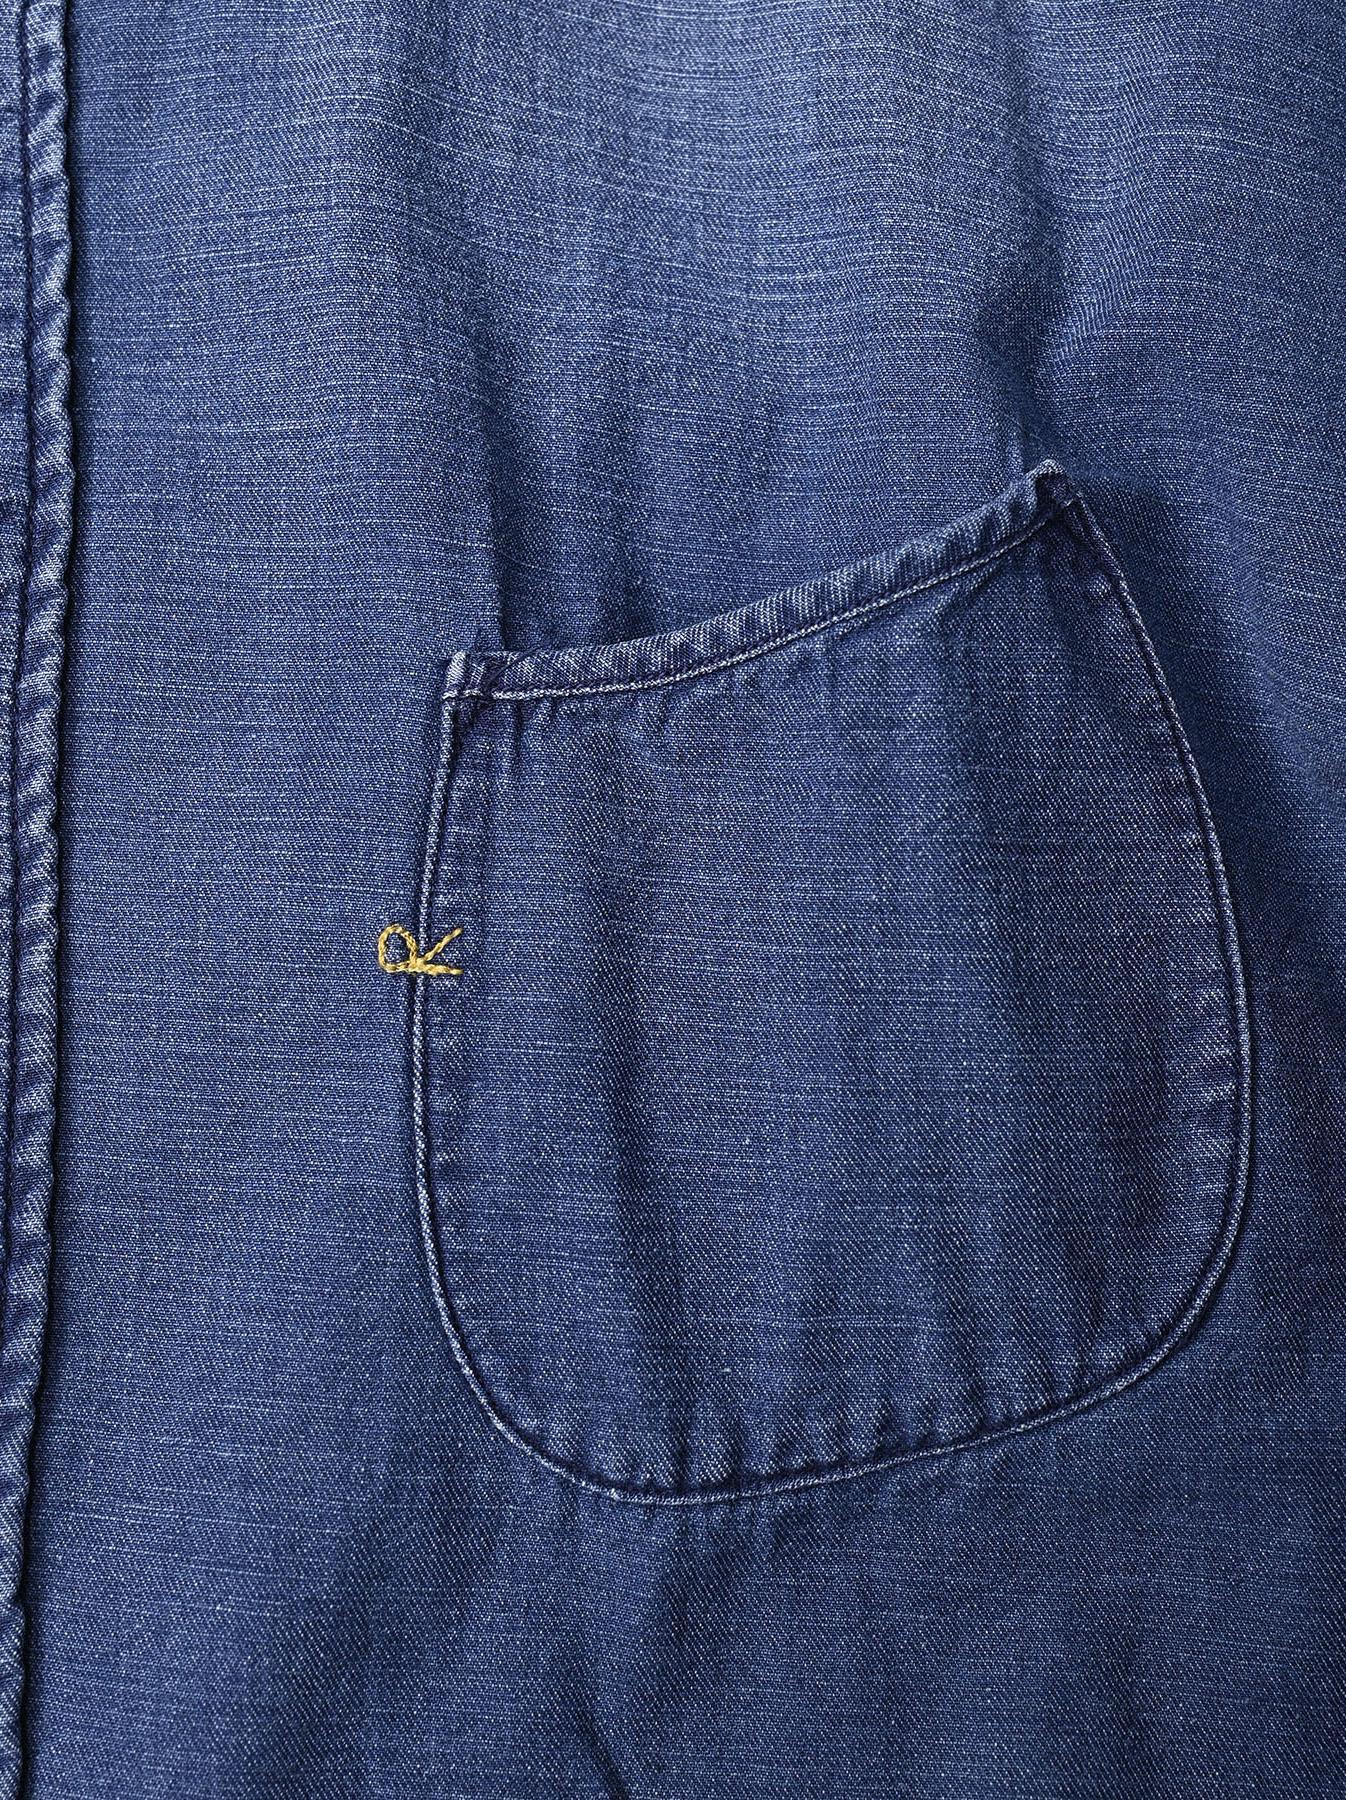 Goma Denim Ocean Button Down Shirt-9